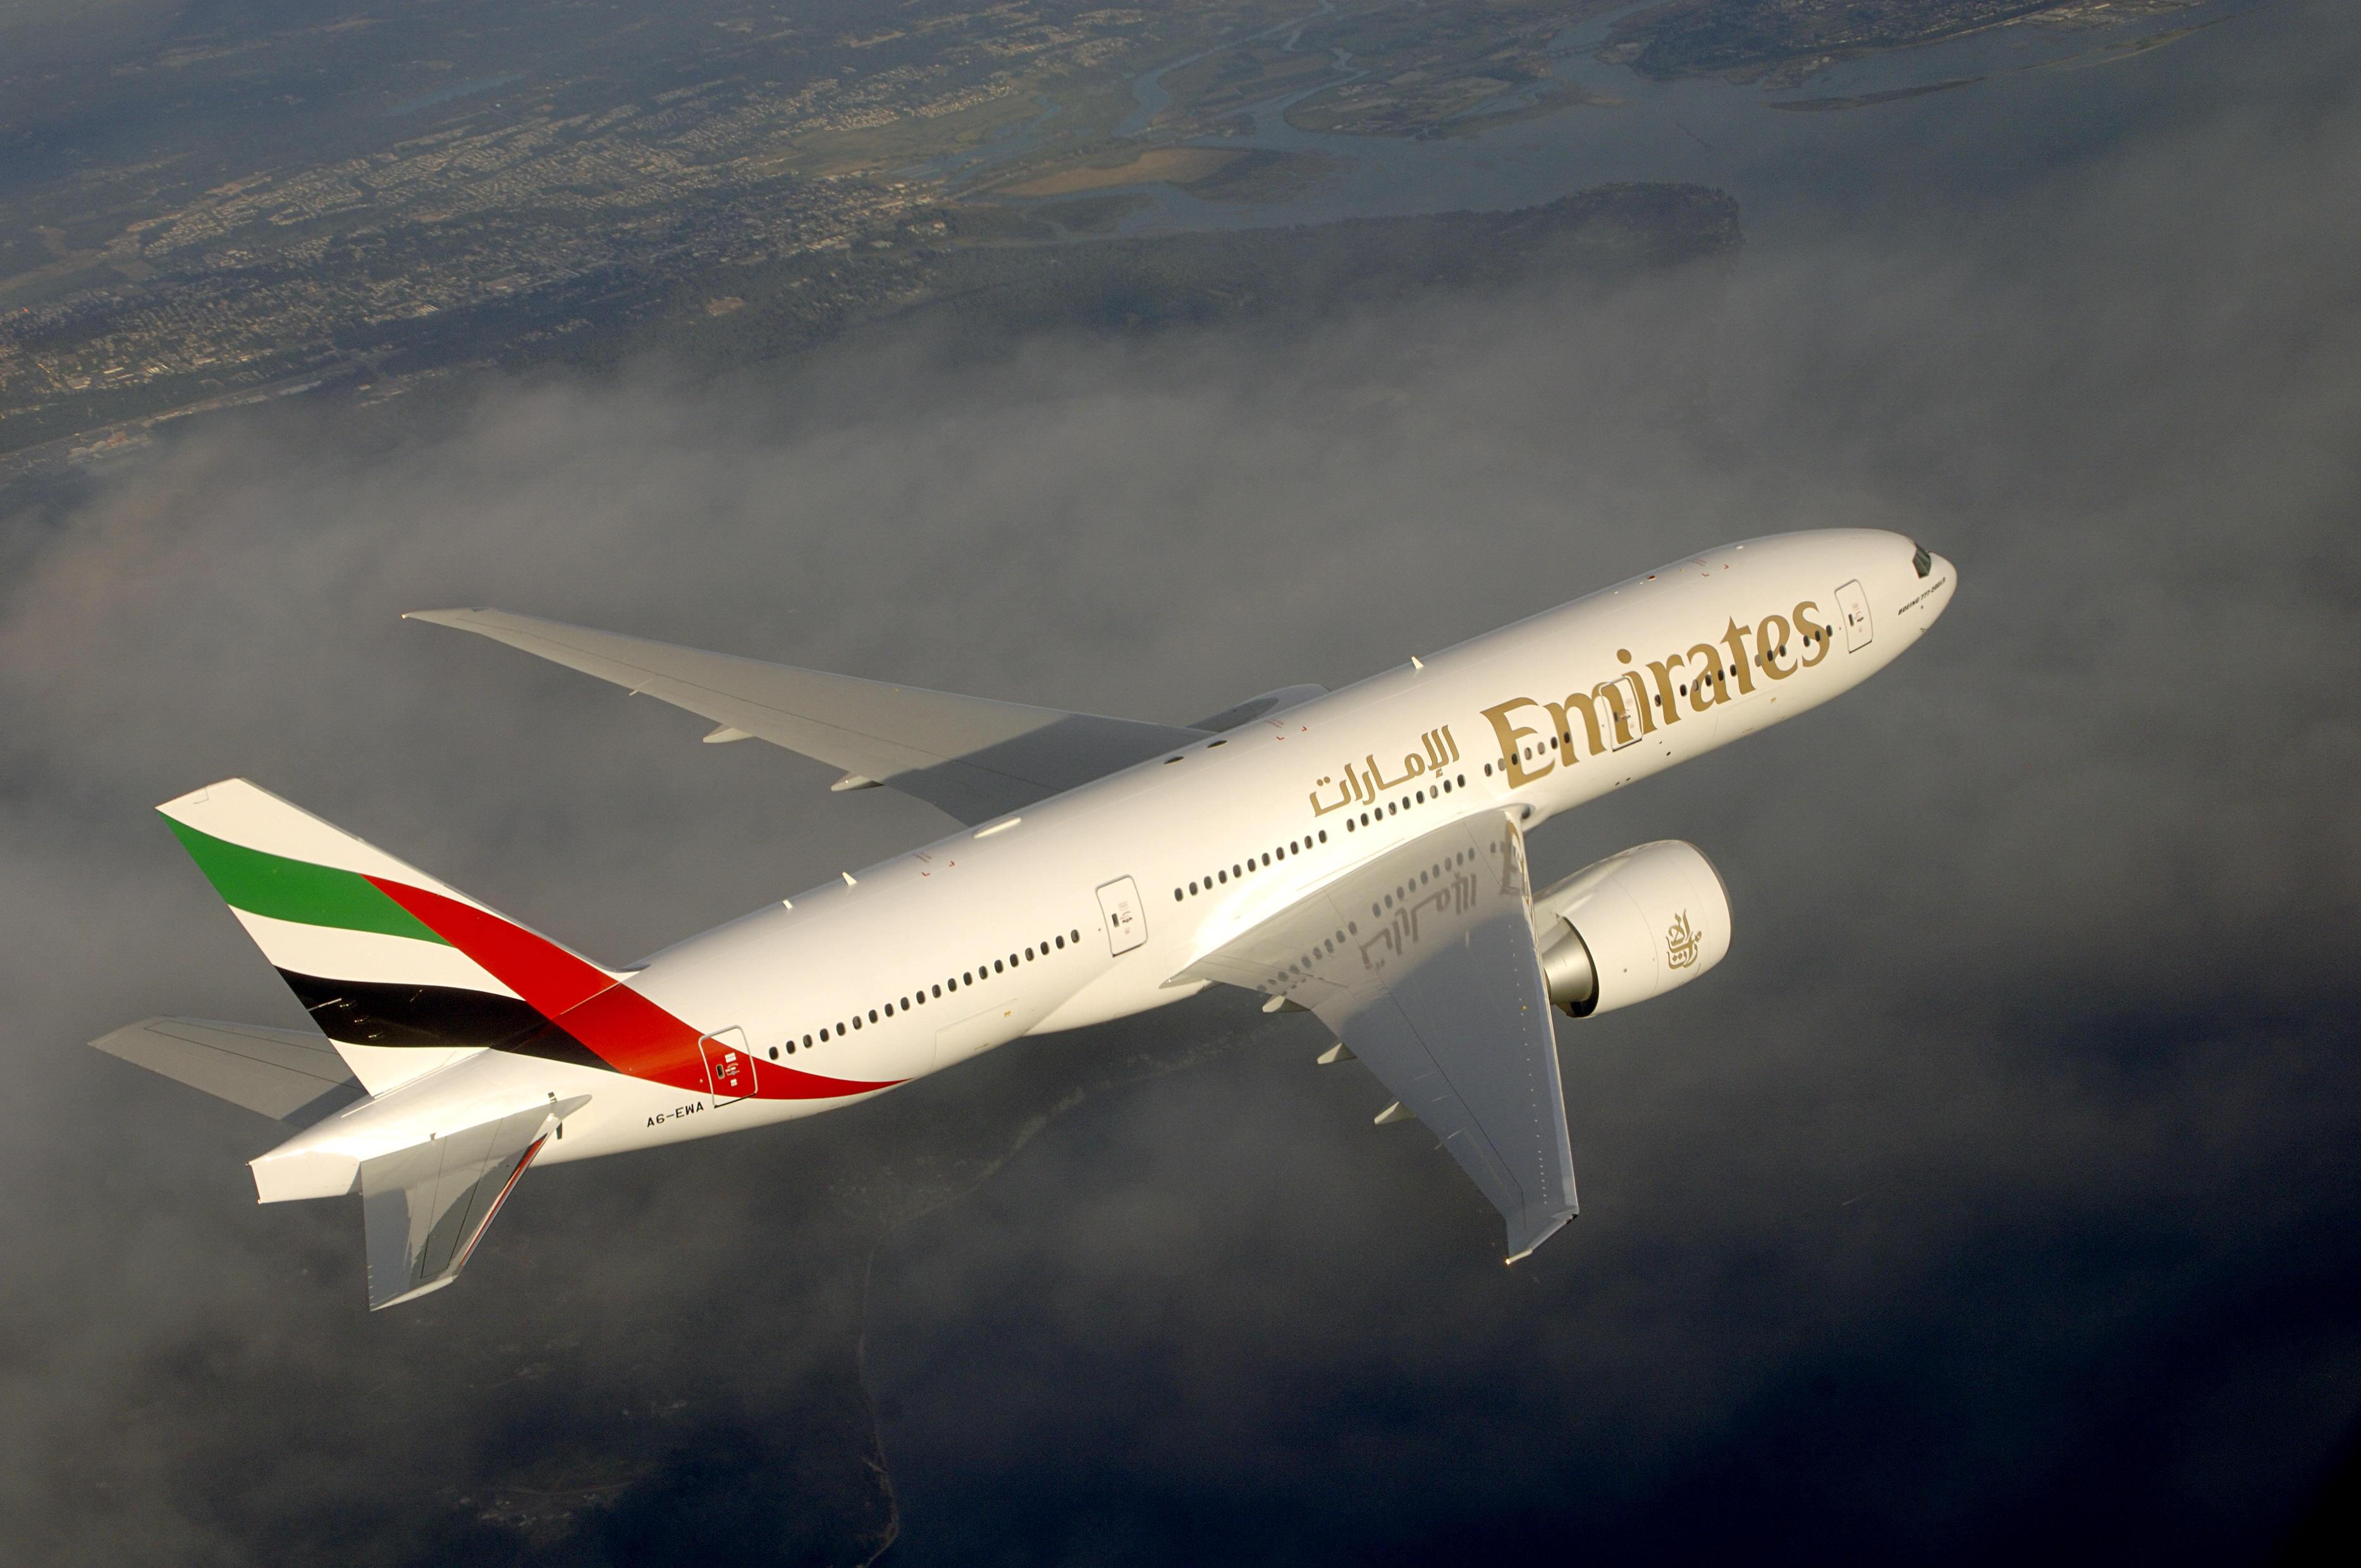 阿联酋航空宣布计划开通郑州-银川-迪拜航线